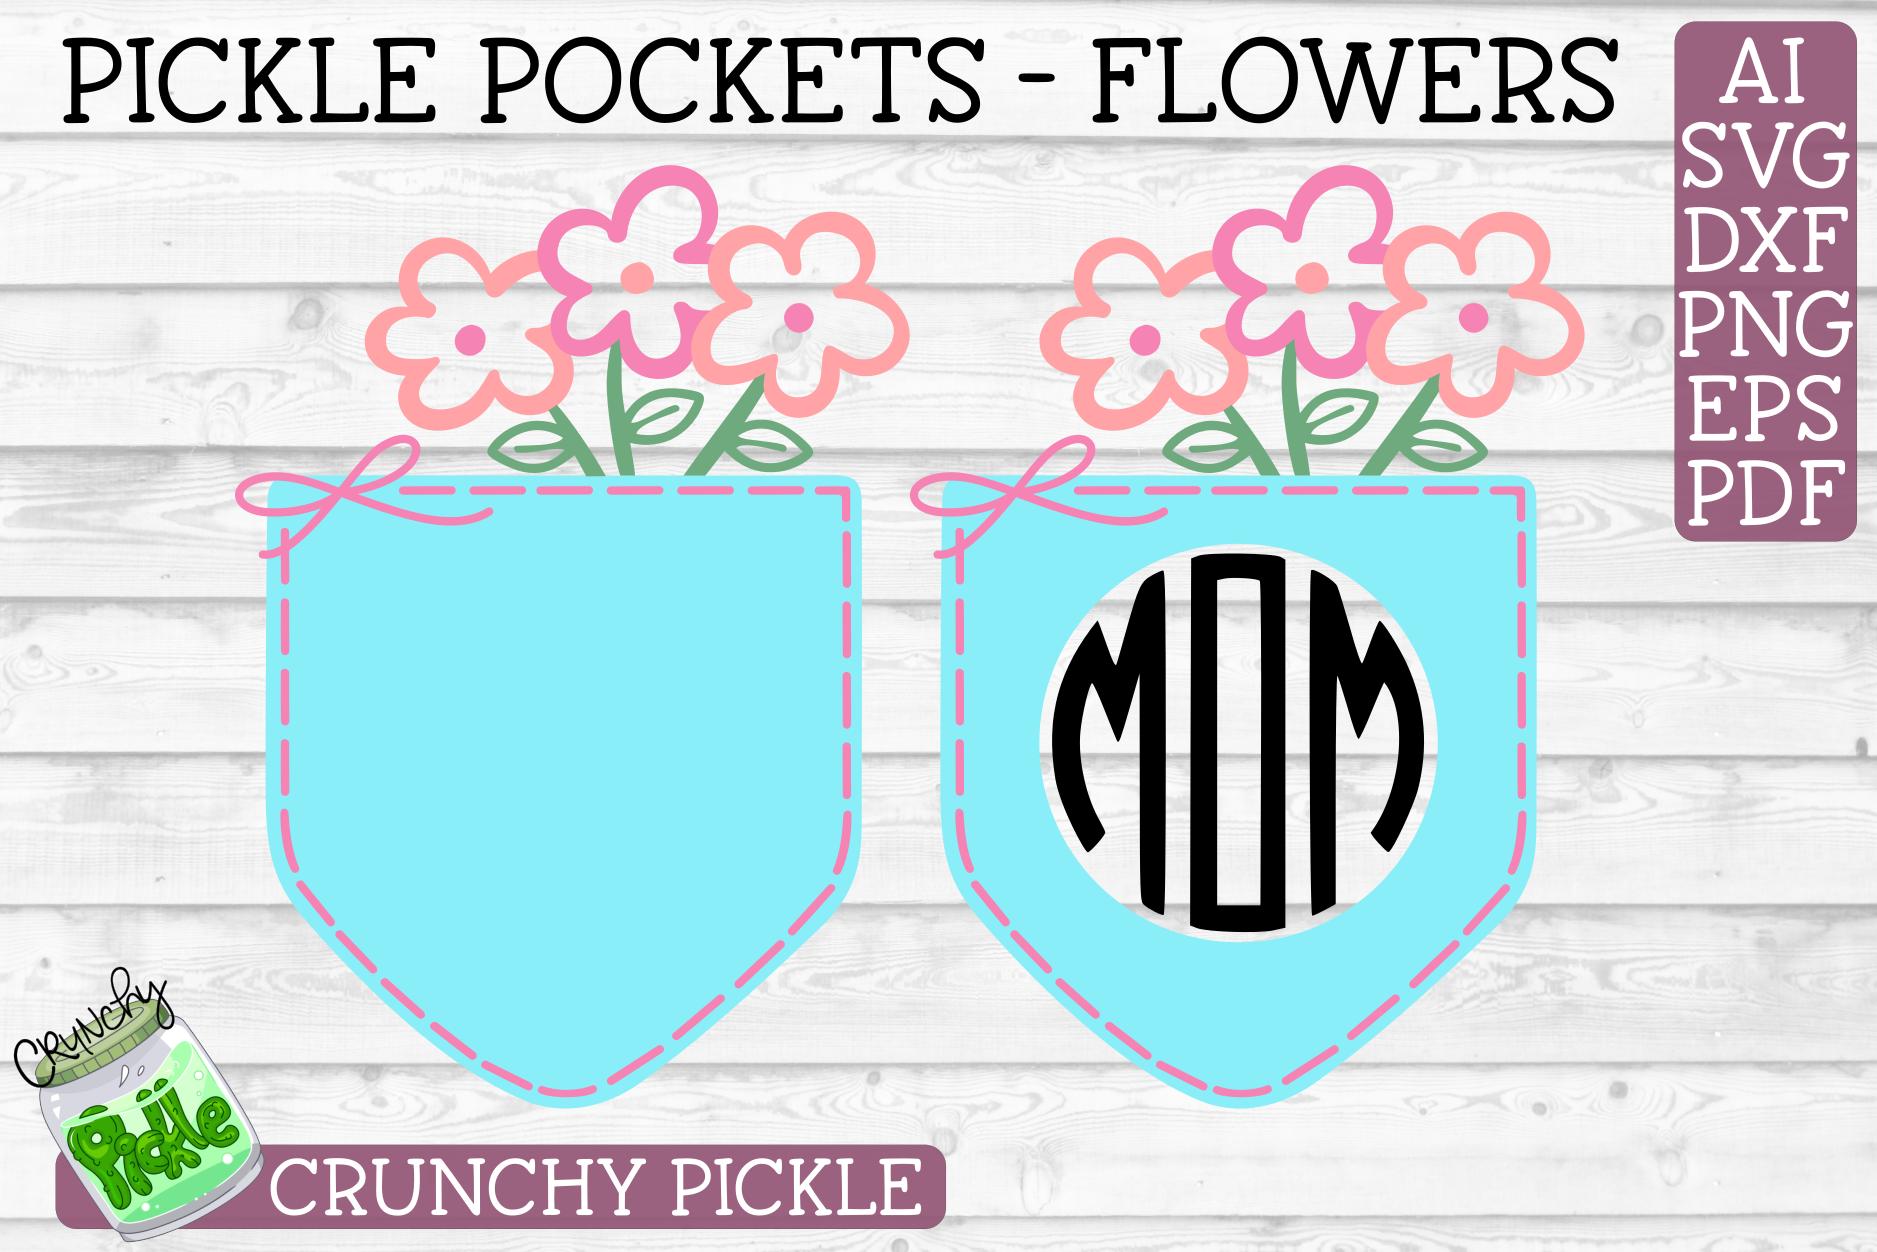 Pickle Pockets - Monogram Pocket Mom Flowers SVG Cut File example image 2